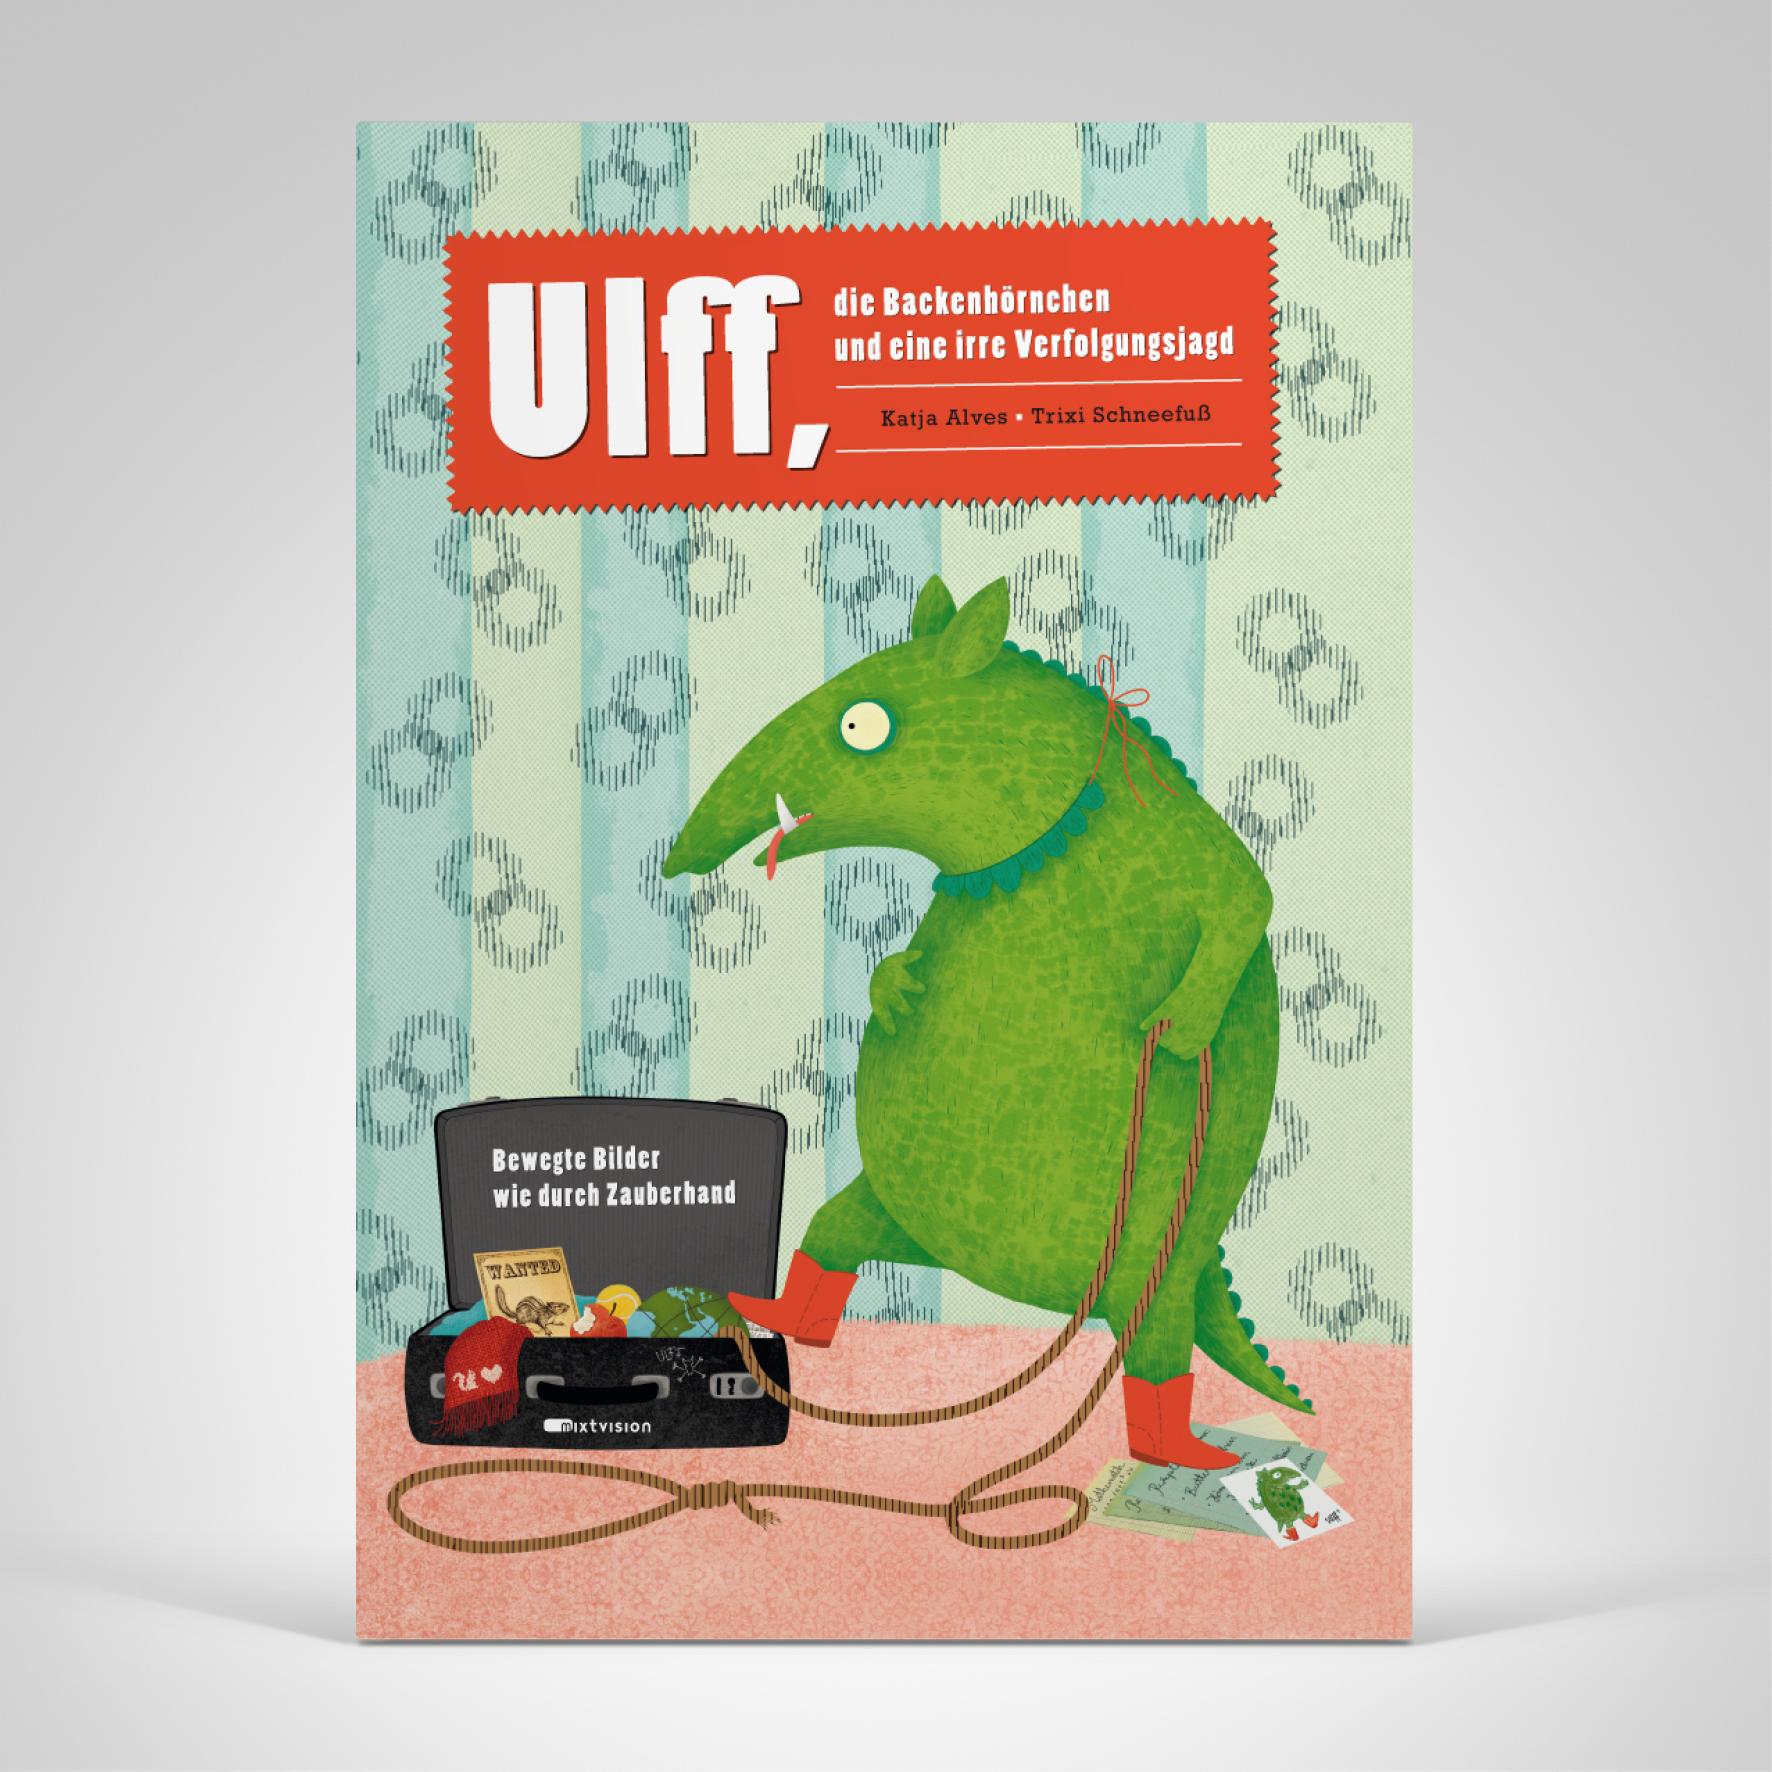 Ulff, die Backenhörnchen und eine irre Verfolgungsjagd: Bewegte Bilder wie durch Zauberhand, Cover-Abbildung